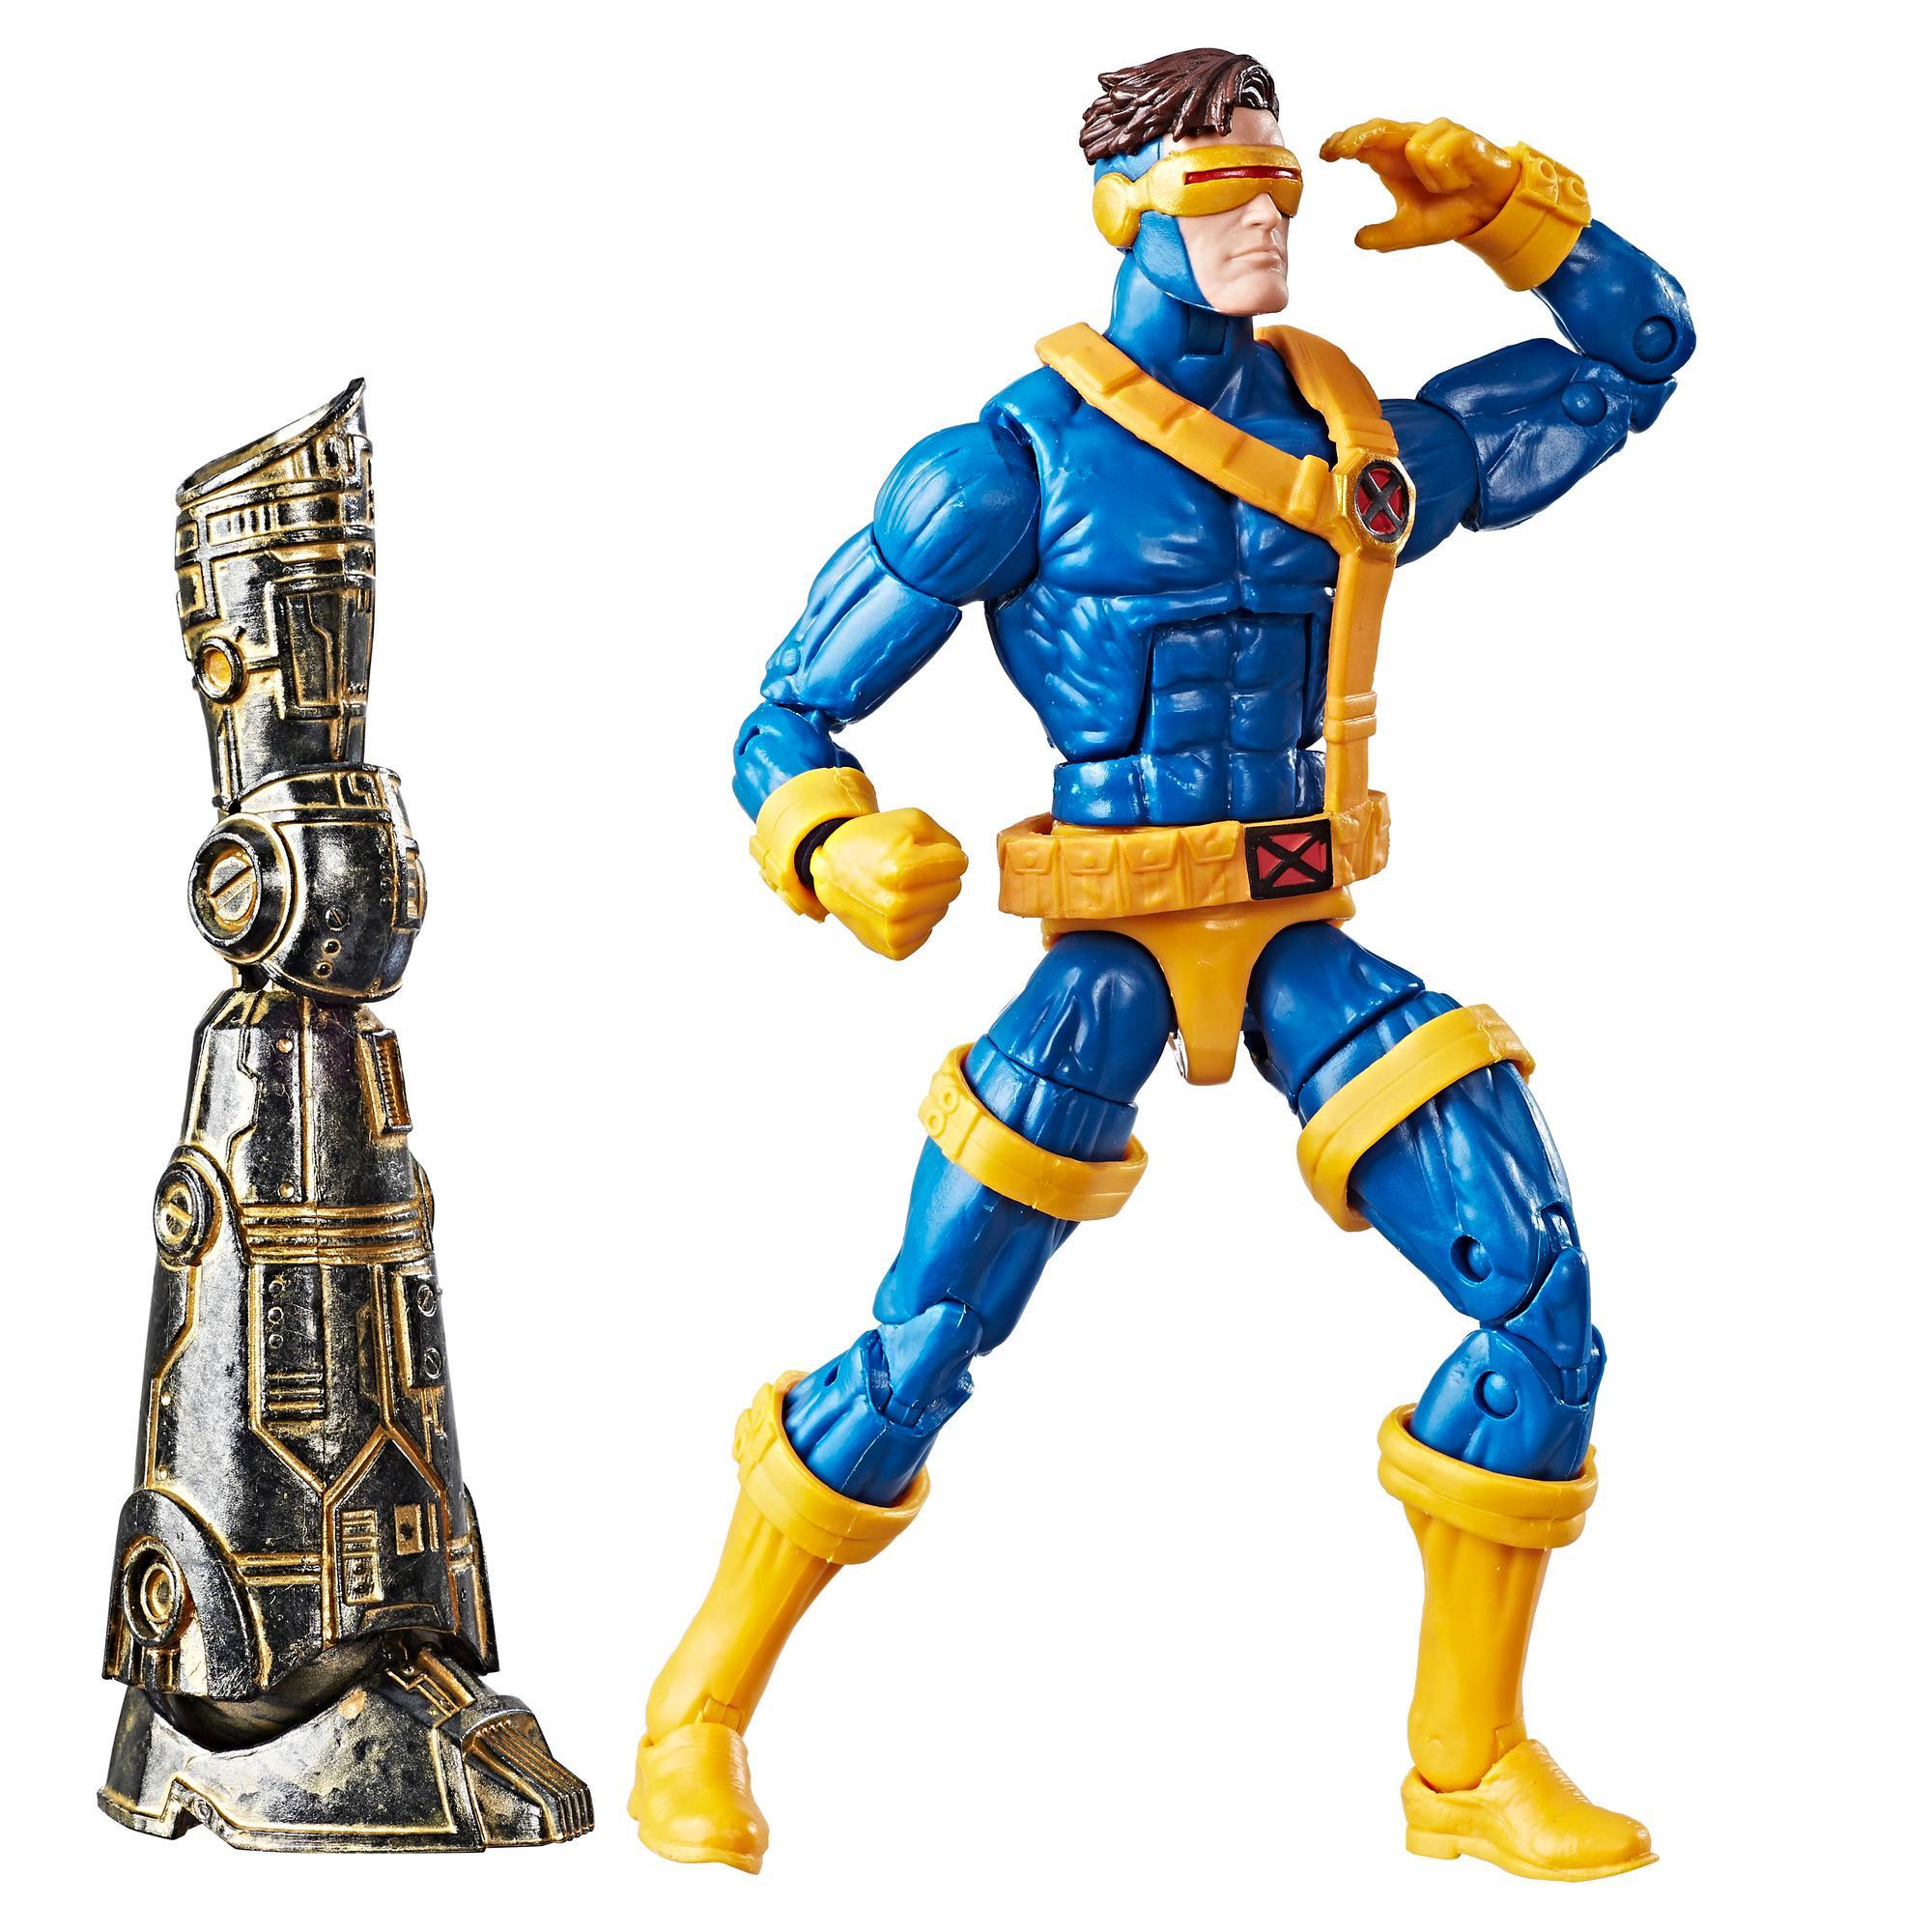 Marvel X-Men Legends Series - Marvel's Cyclops de 15 cm (6 in)